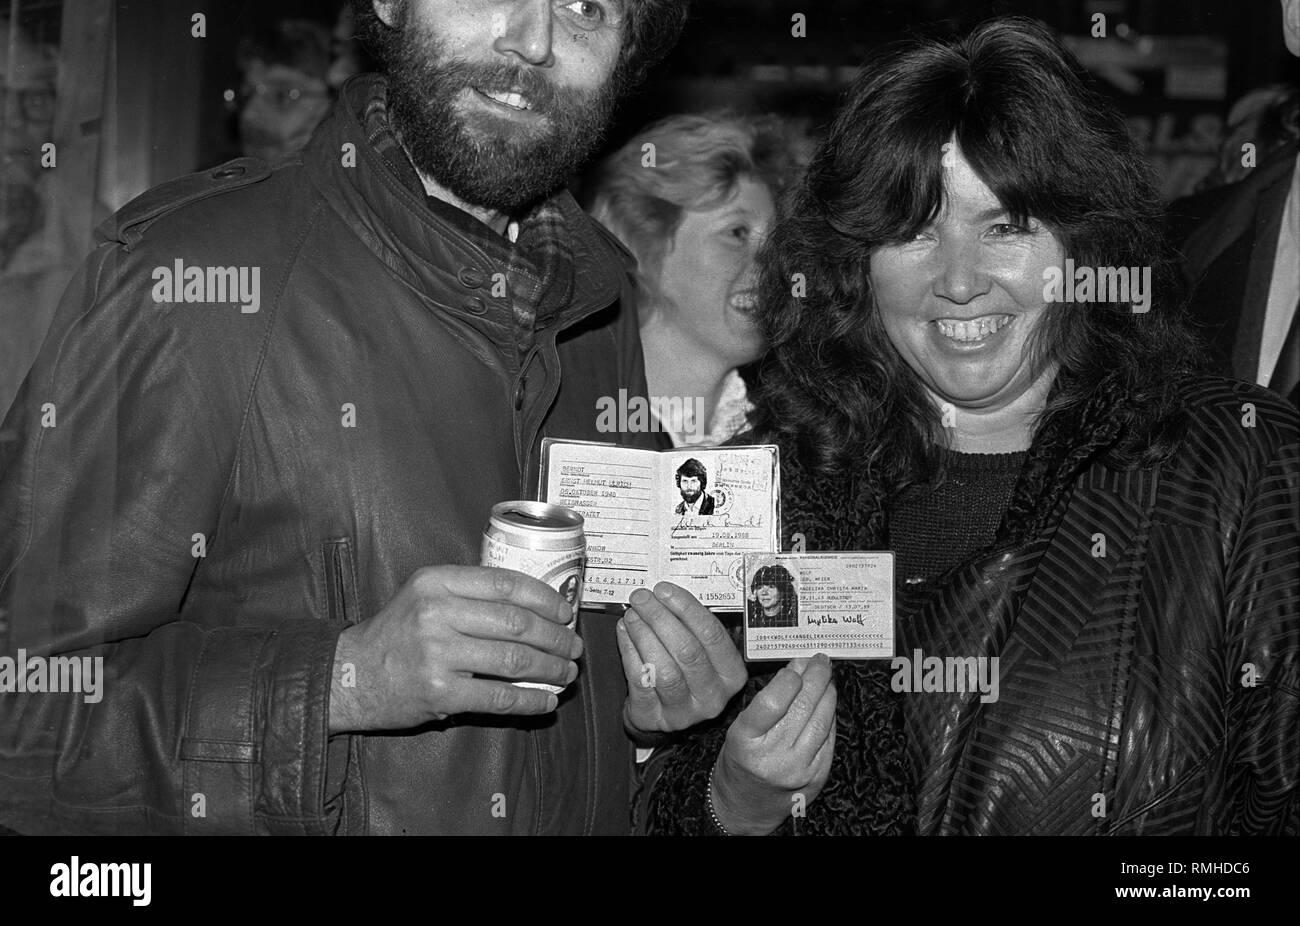 Deutschland, Berlin, 8. Oktober 1989: Ost und West Berliner Bürger halten Ihre ID-Karten auf dem Breitscheidplatz in der Nacht der Fall der Berliner Mauer. Stockbild